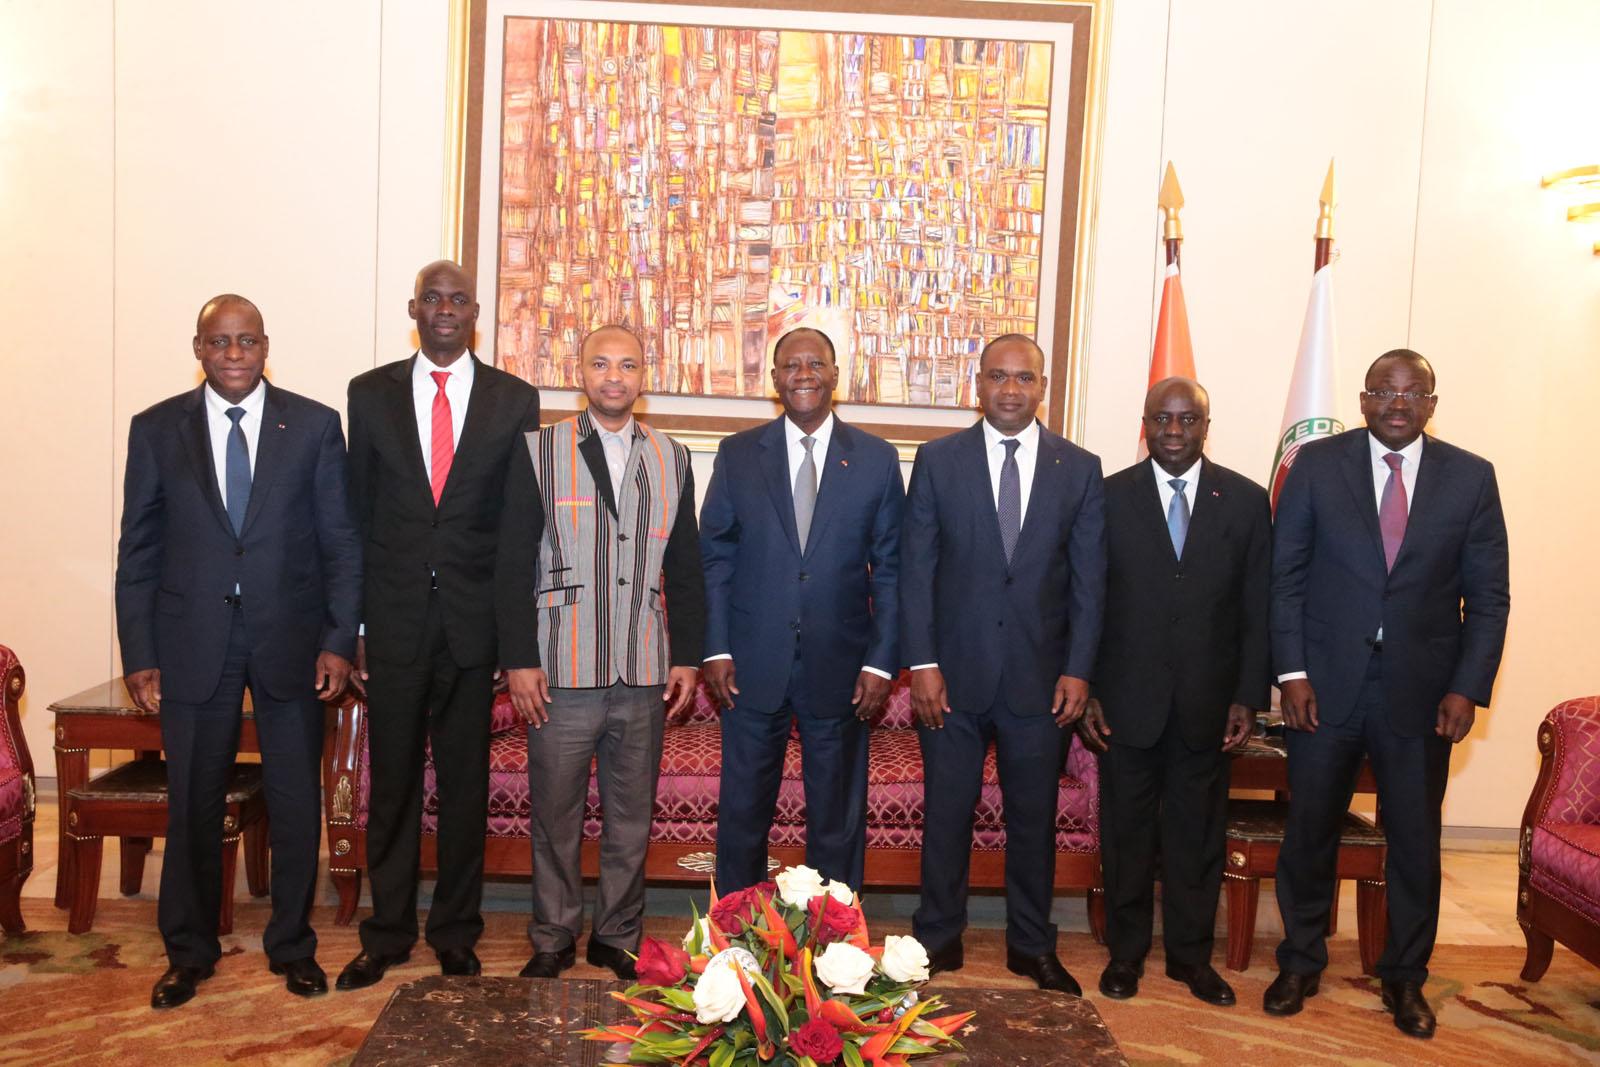 Le Chef de l'Etat a eu un entretien avec une délégation burkinabè